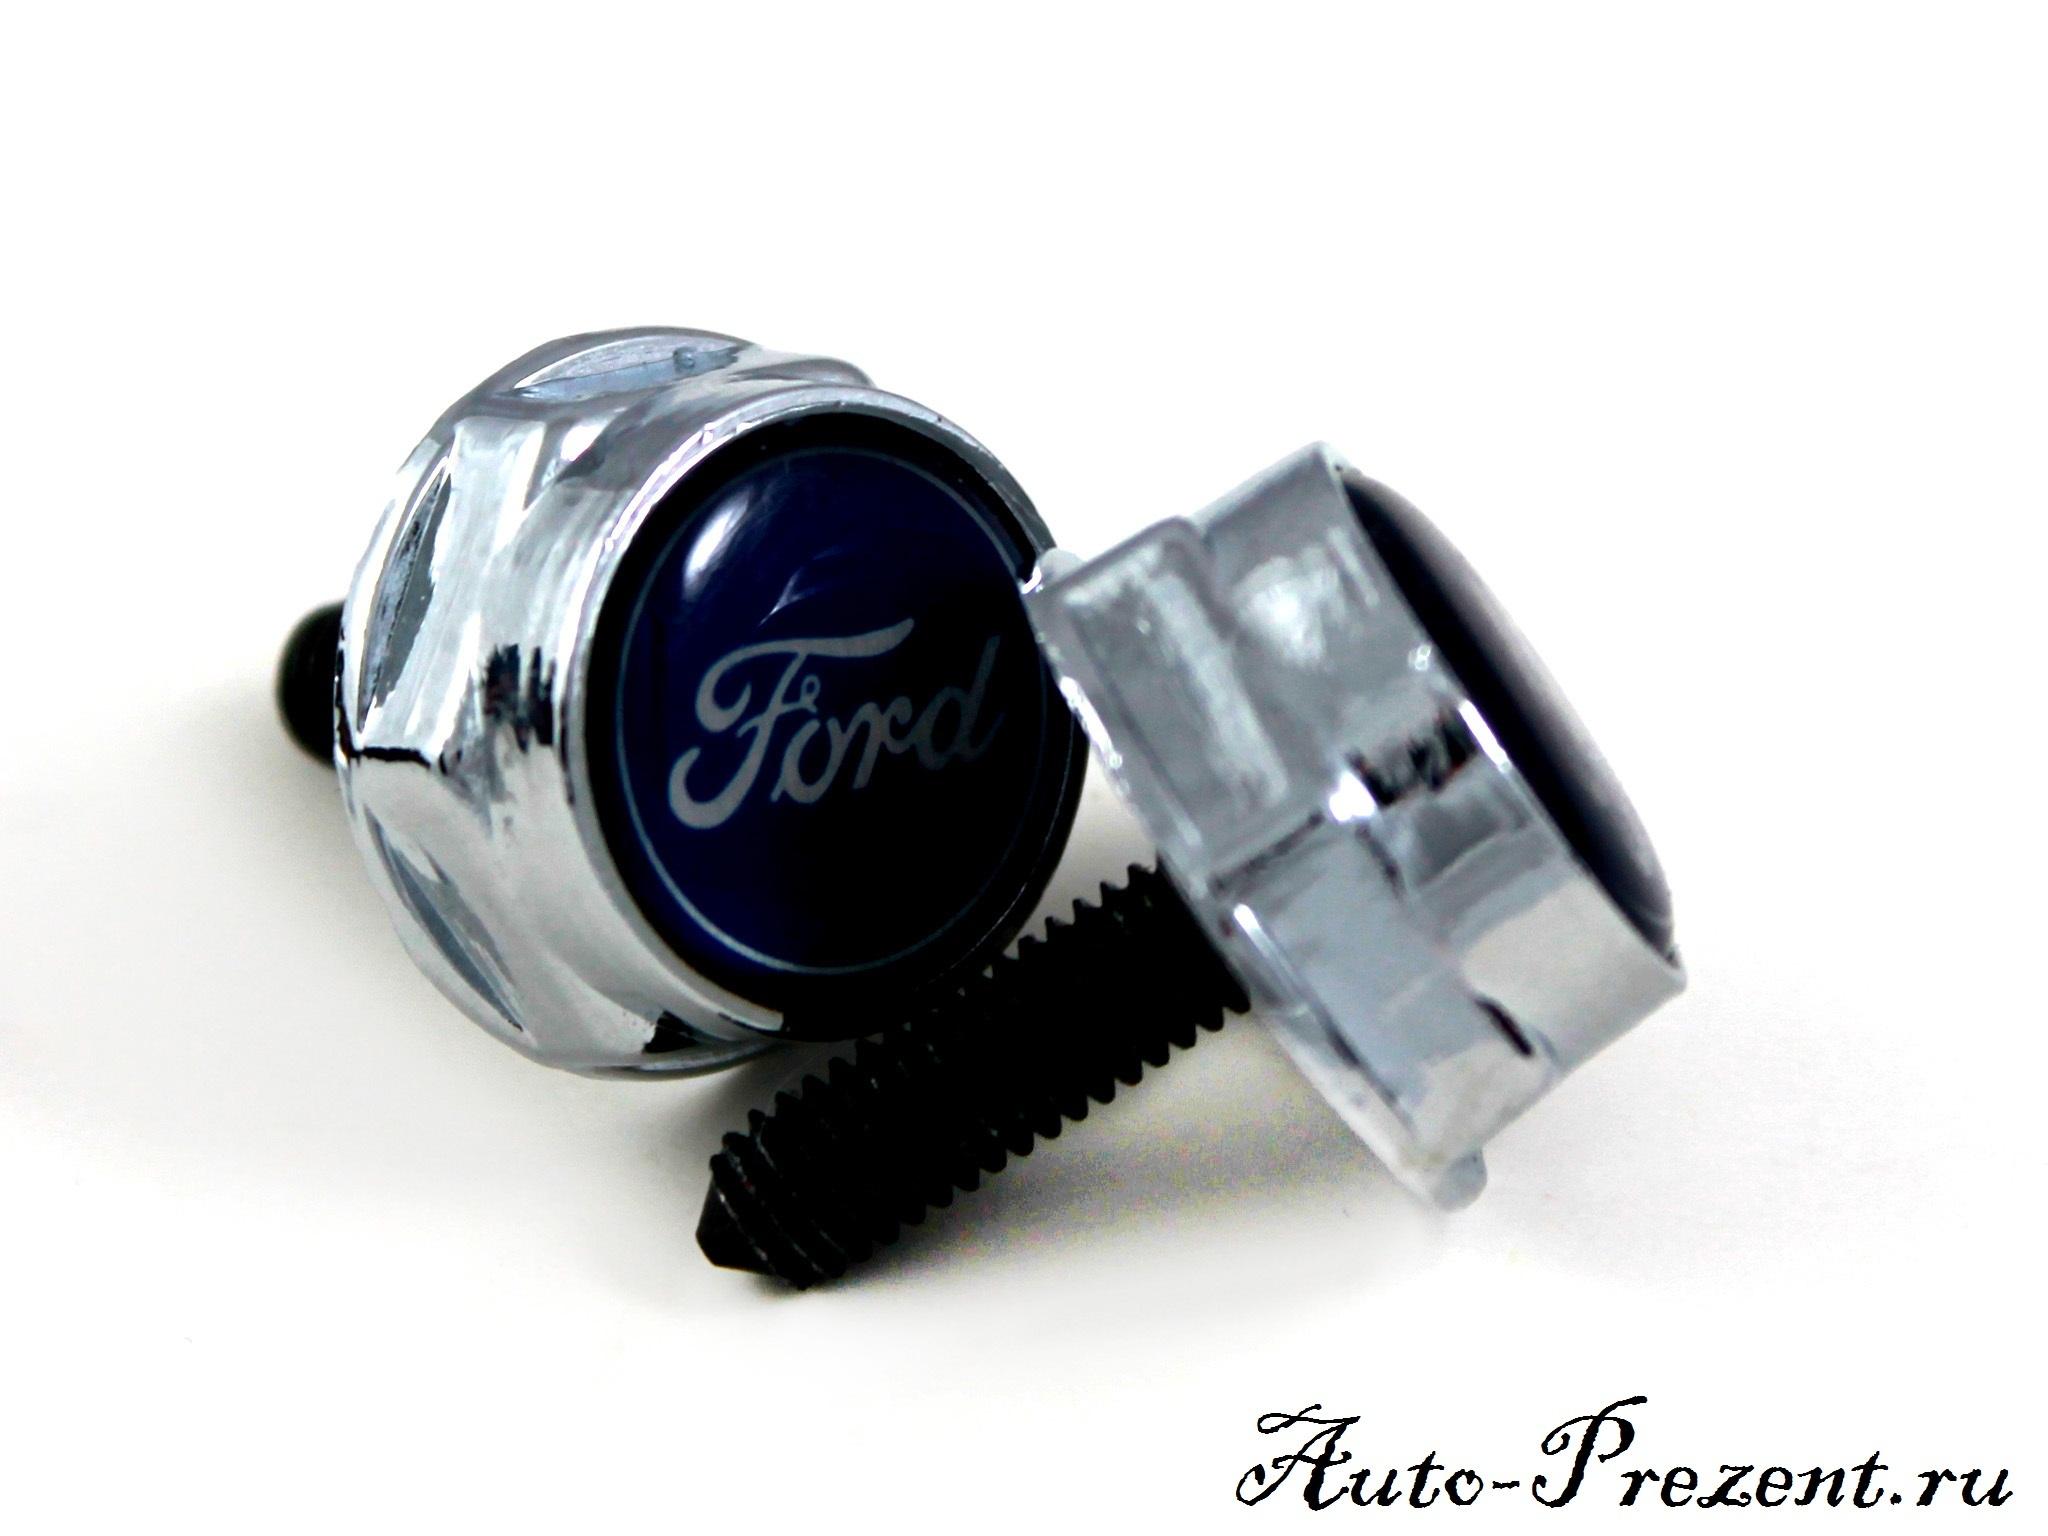 Болты для крепления госномера с логотипом FORD